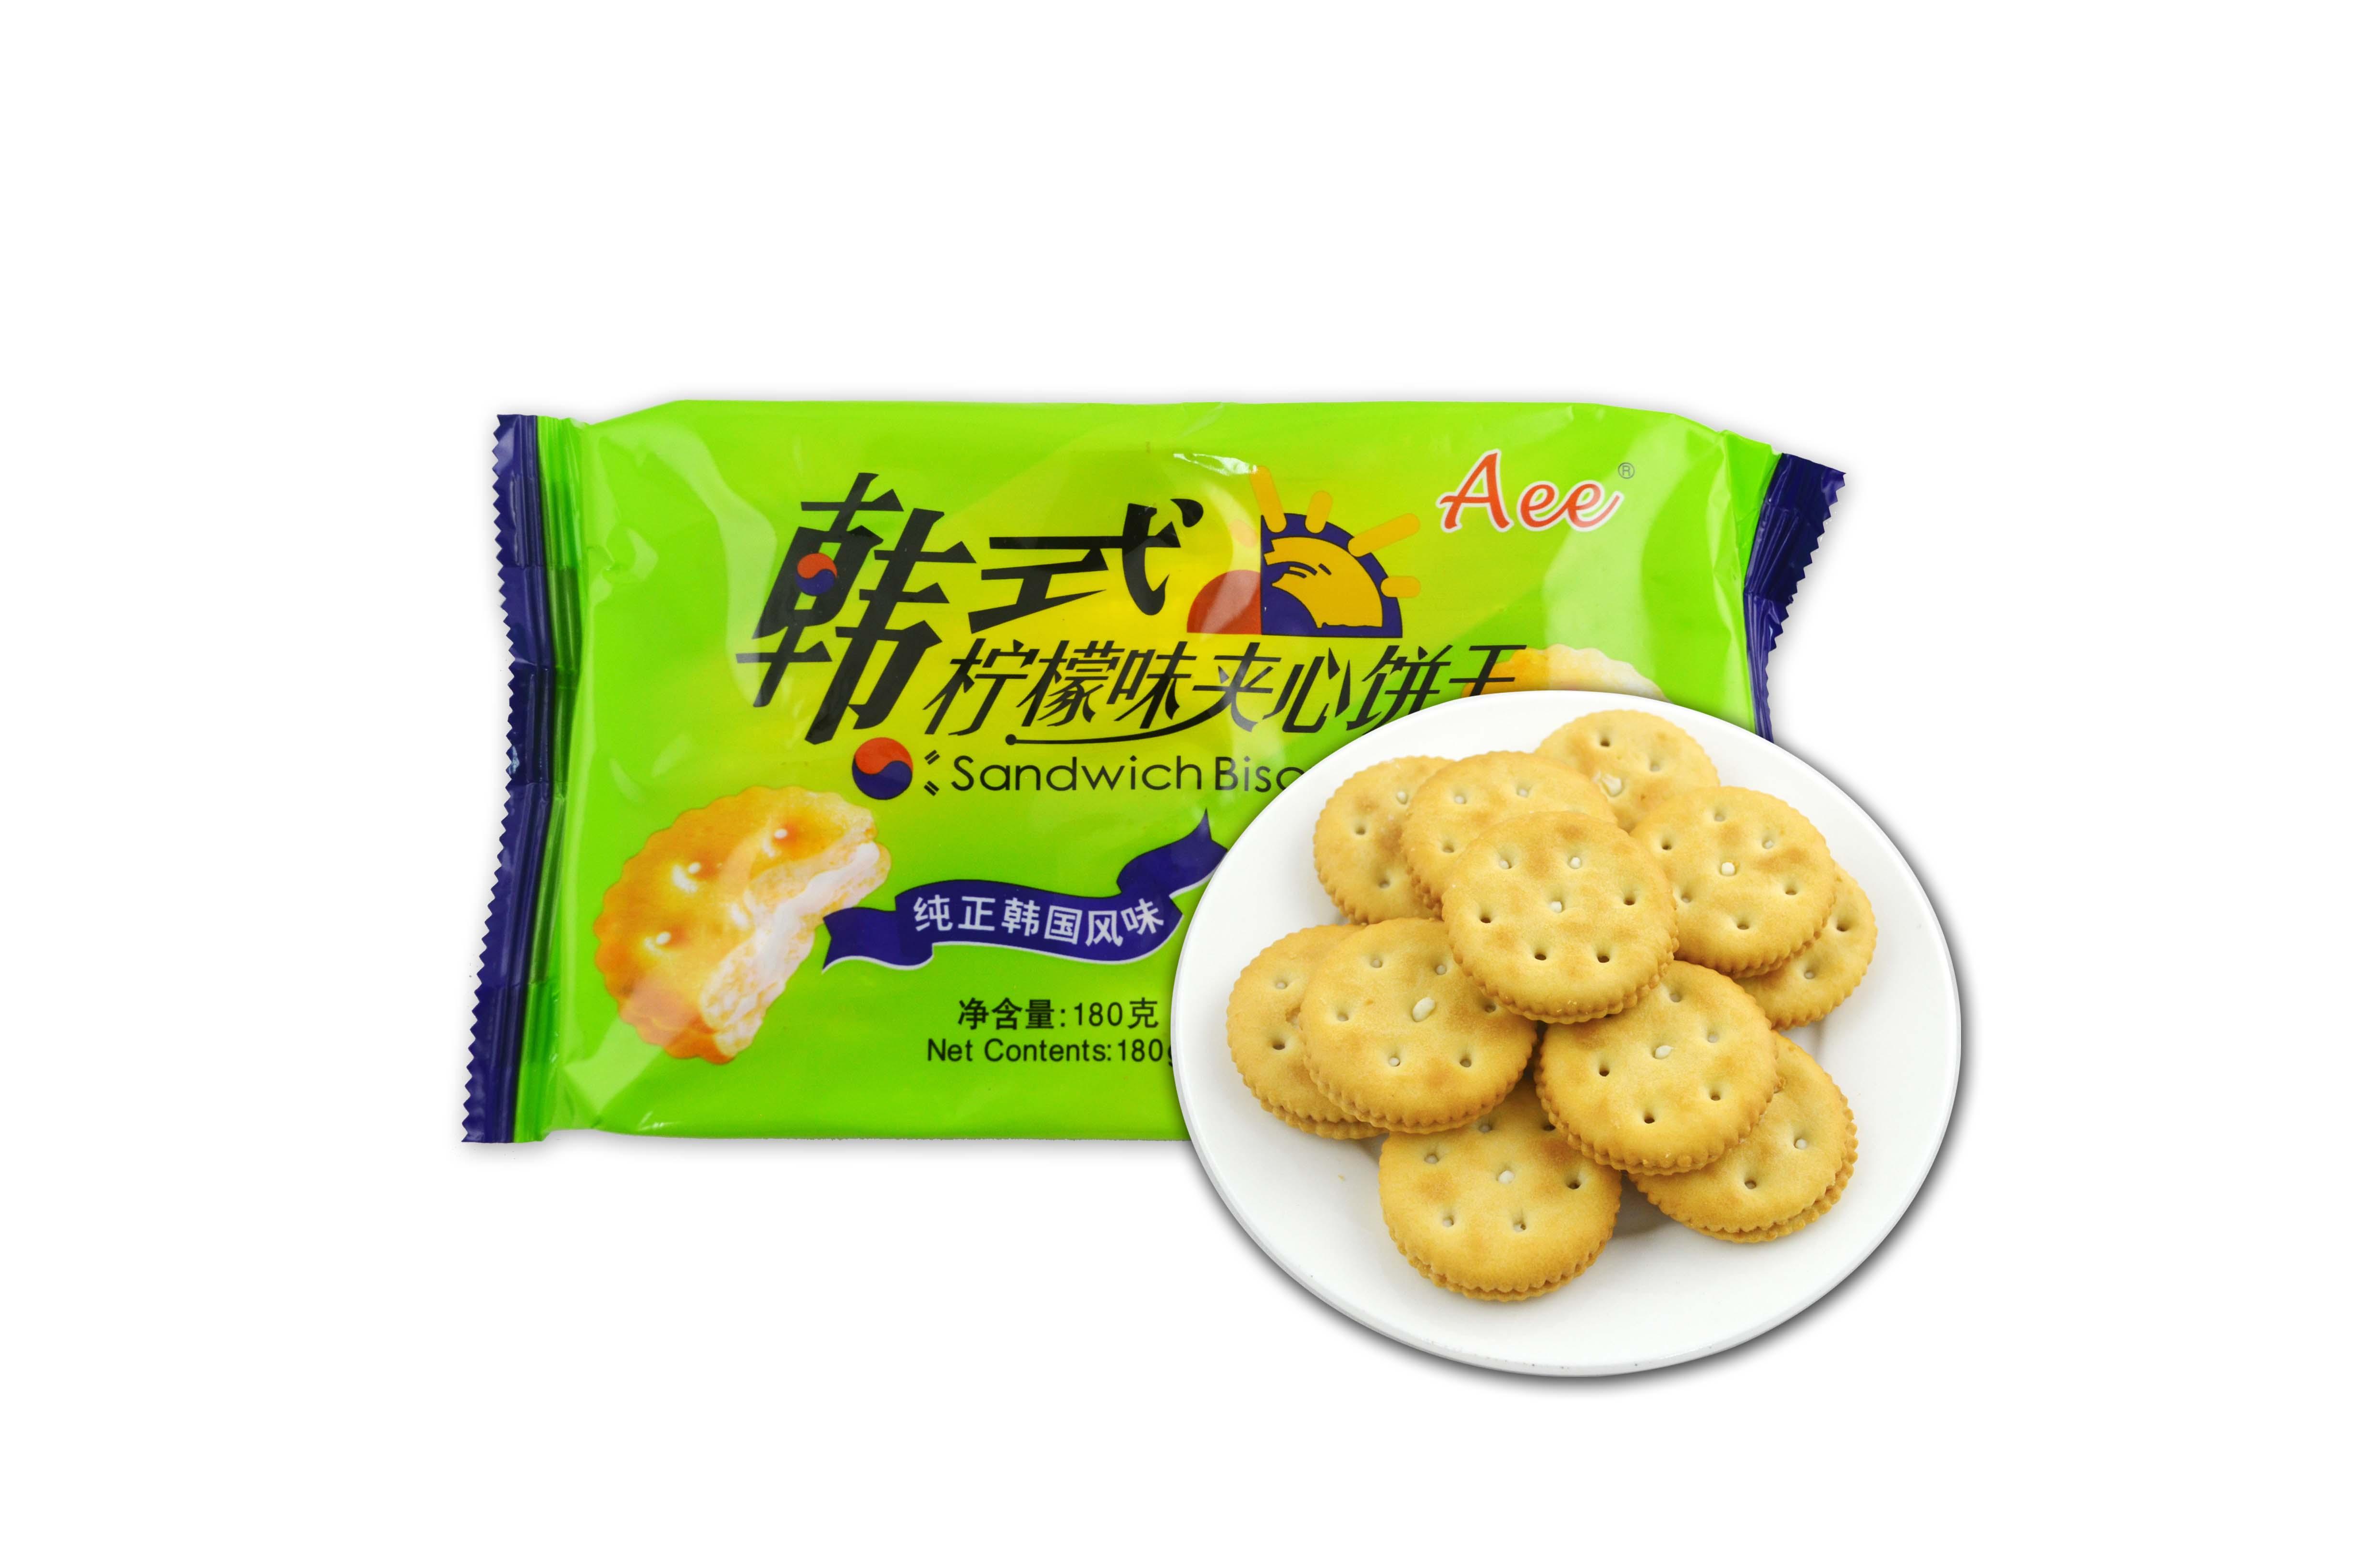 AEE Korean Sandwich Biscuits(180g)